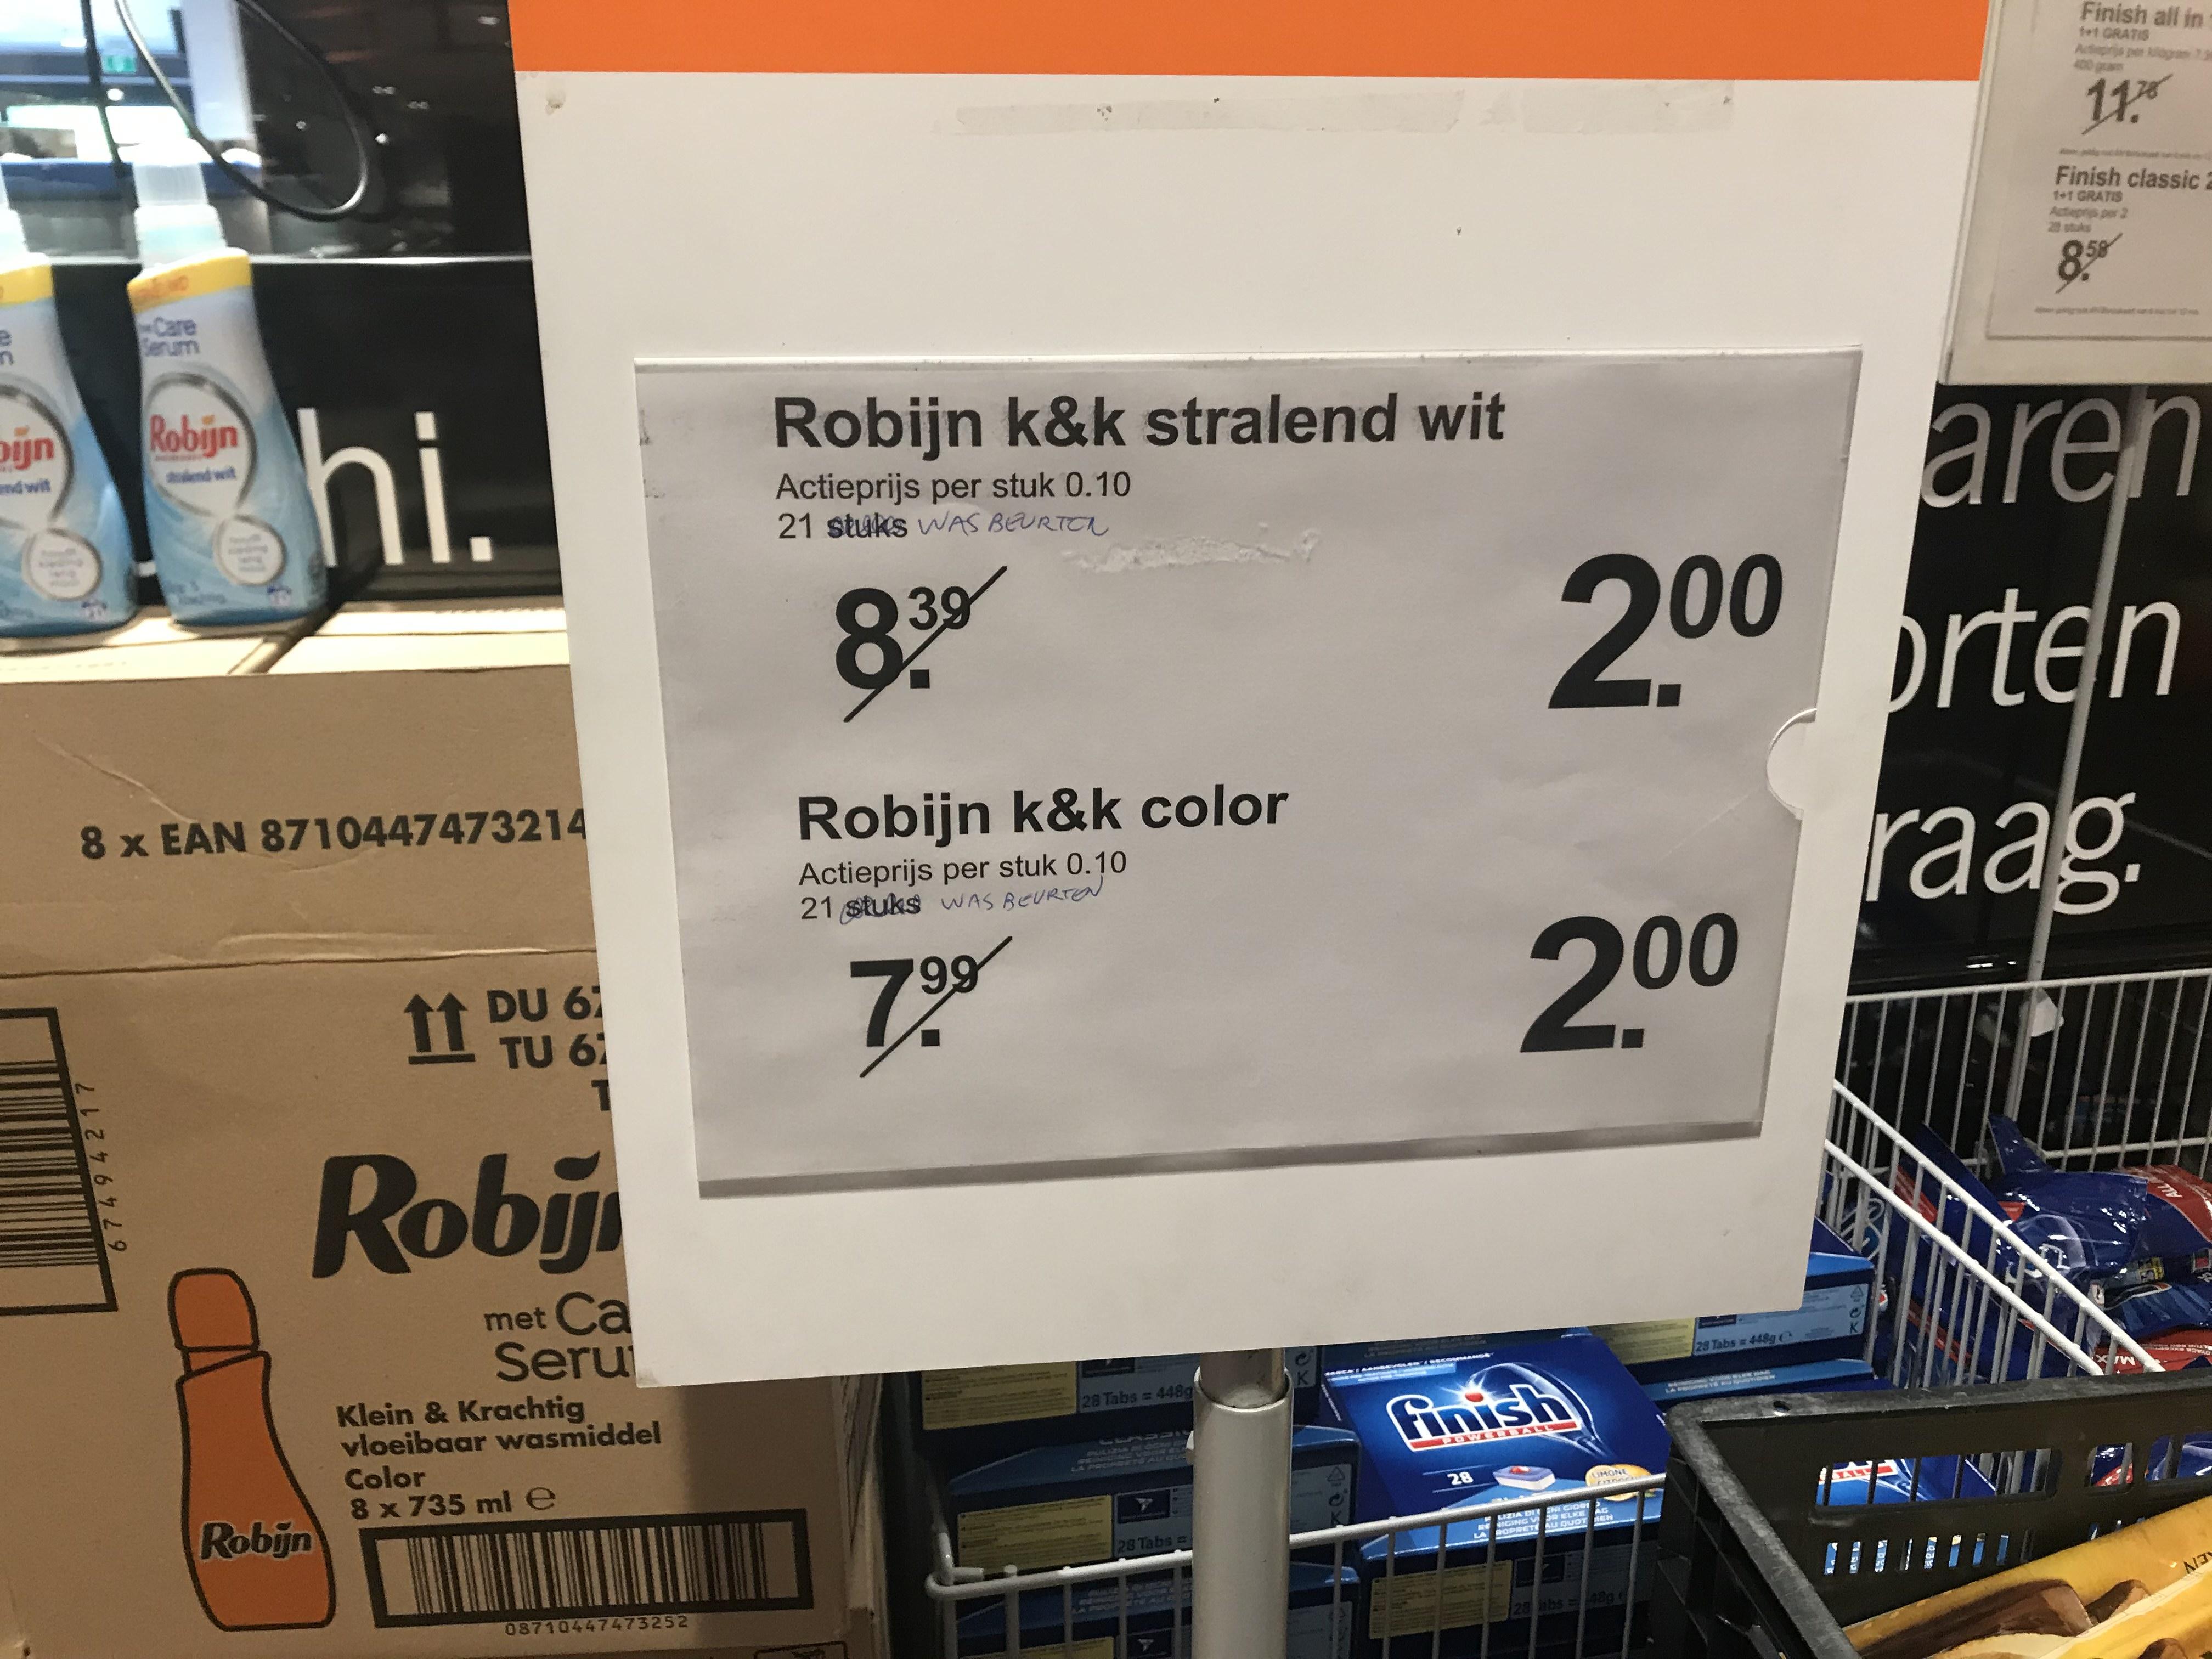 [Lokaal] Robijn wasmiddel 735ml voor €2 @ Albert Heijn Wassenaar